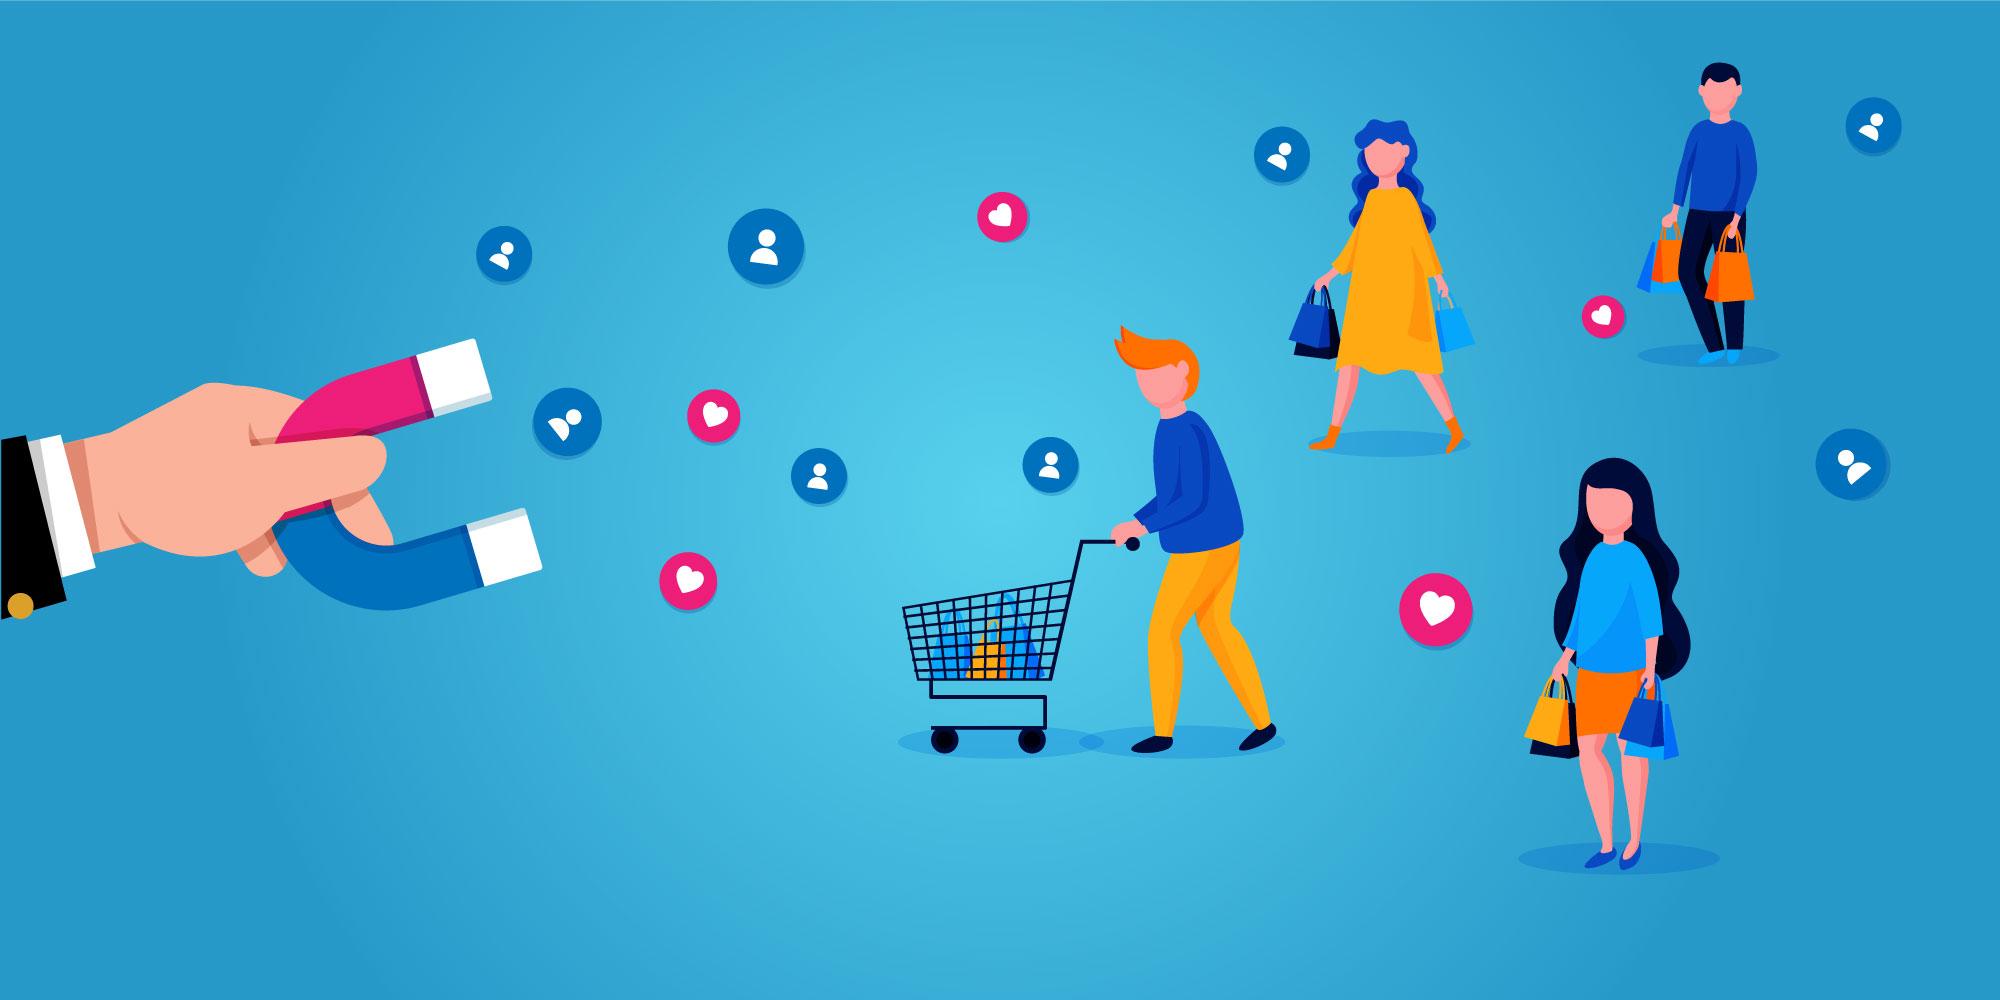 اهداف آگاهی از برند: افزایش خرید و تعداد لیدها (سرنخ)